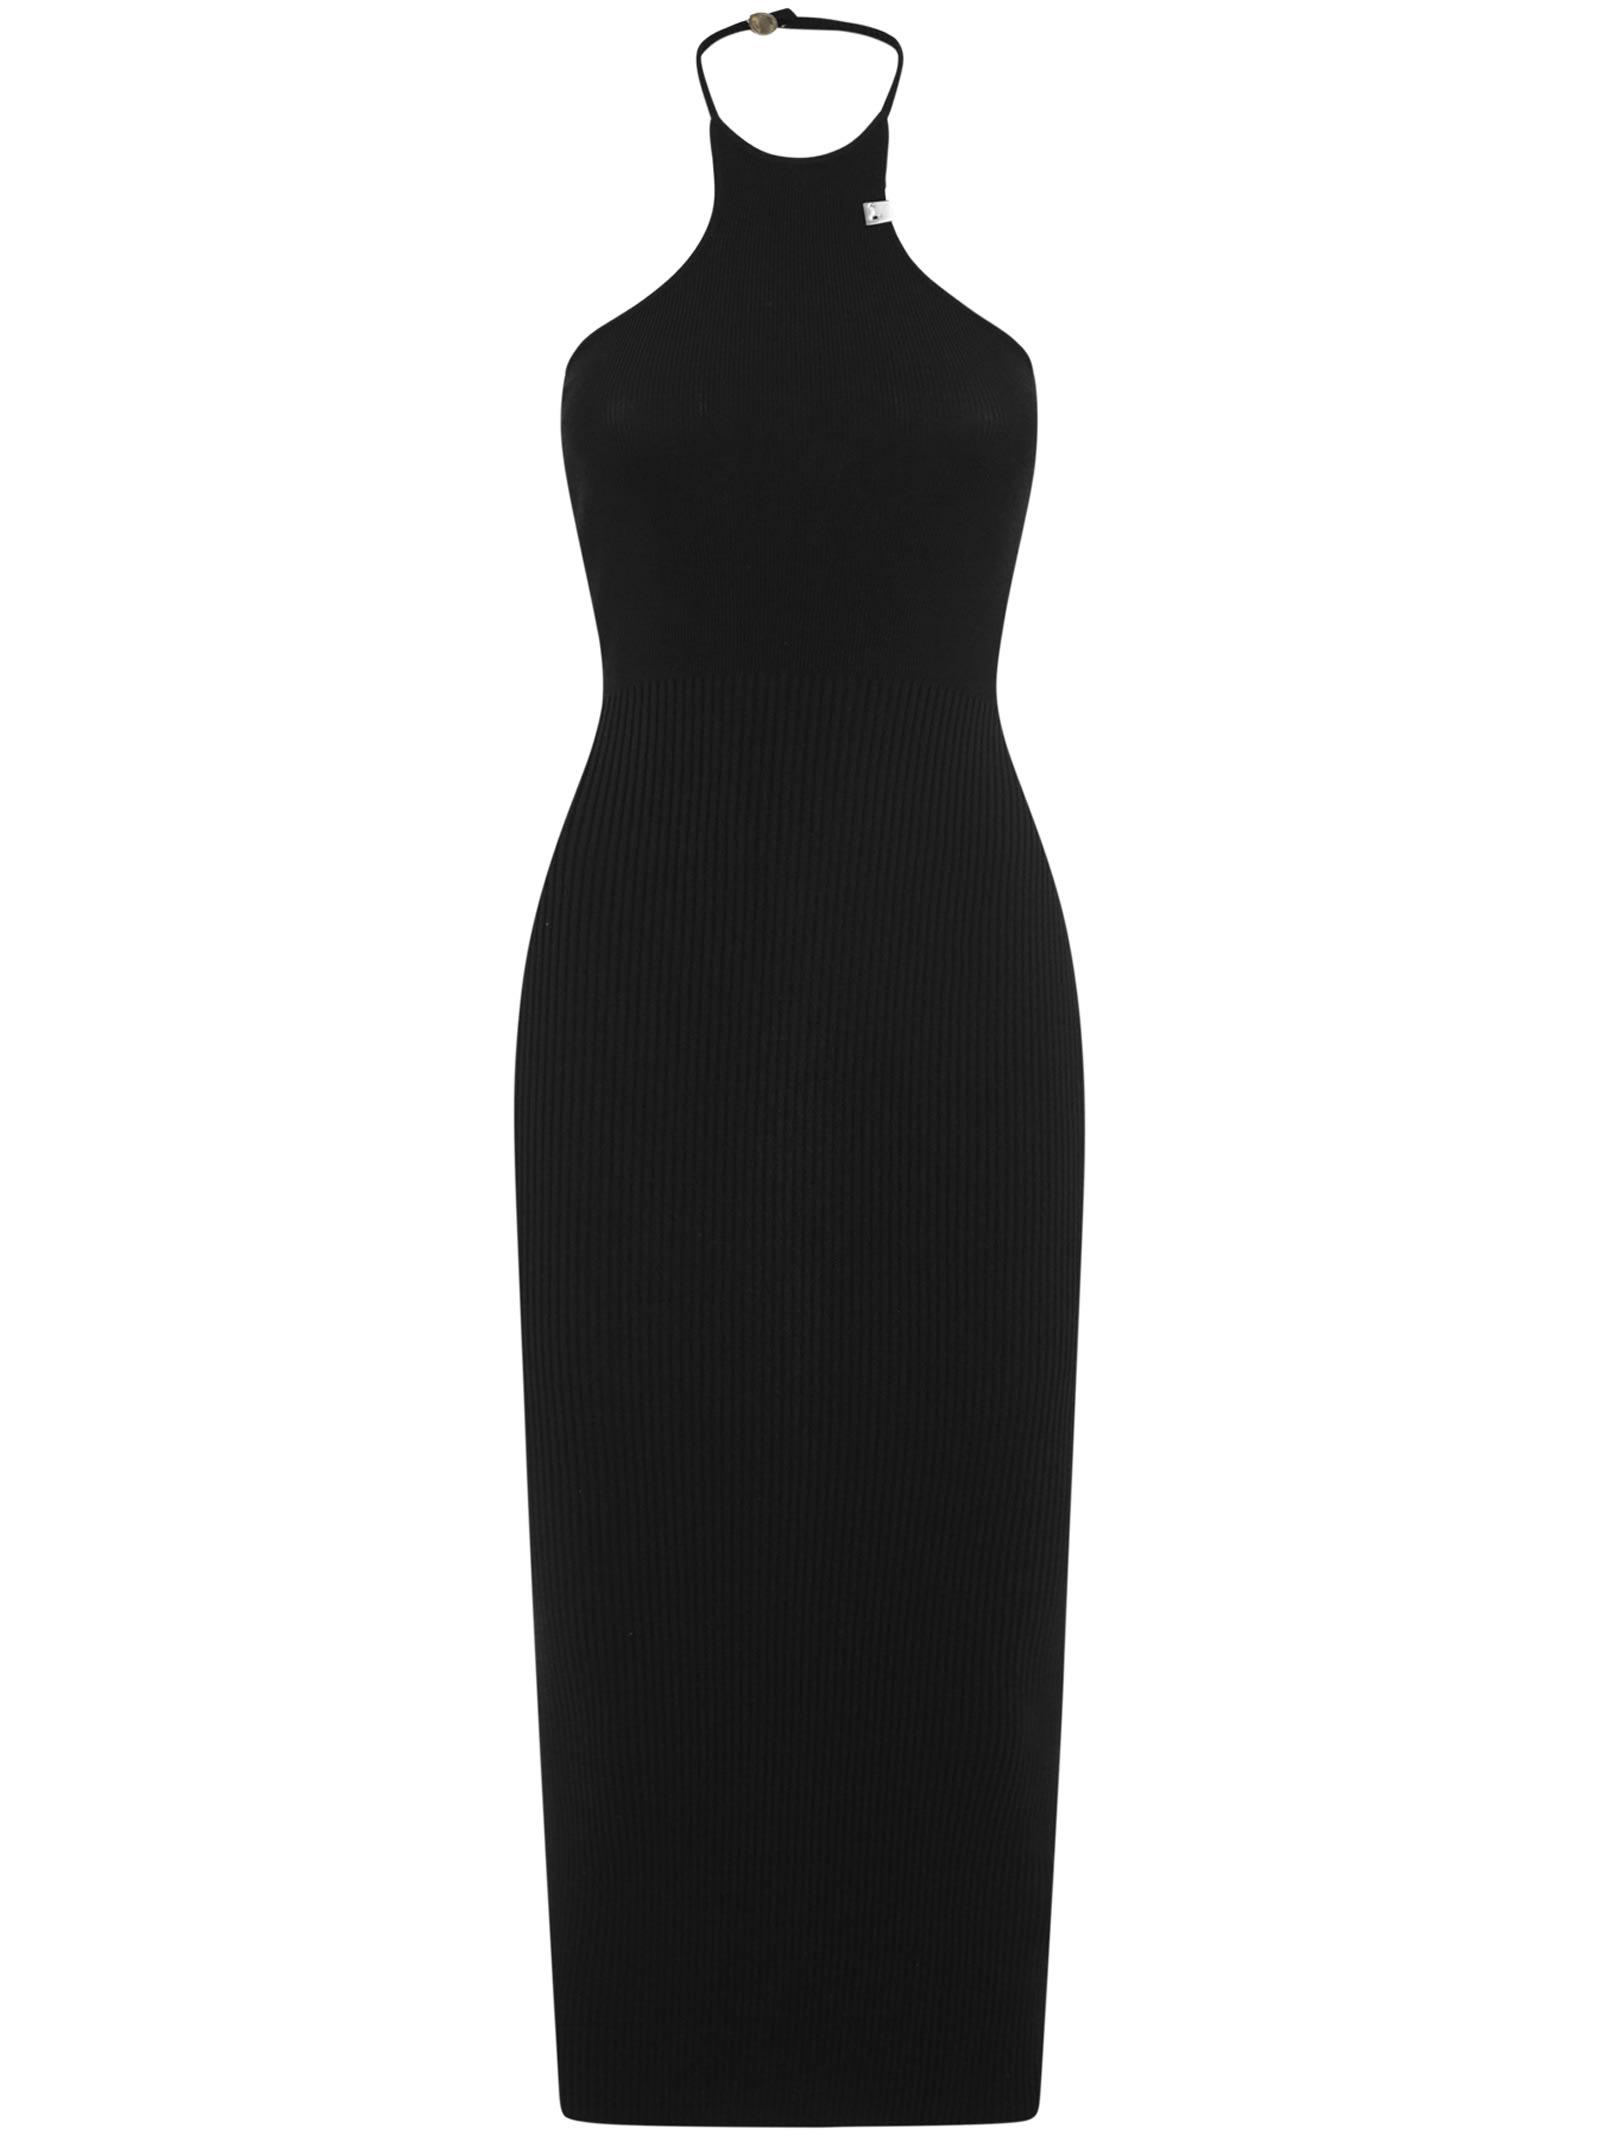 Buy 1017 ALYX 9SM Alyx Midi Dress online, shop 1017 ALYX 9SM with free shipping